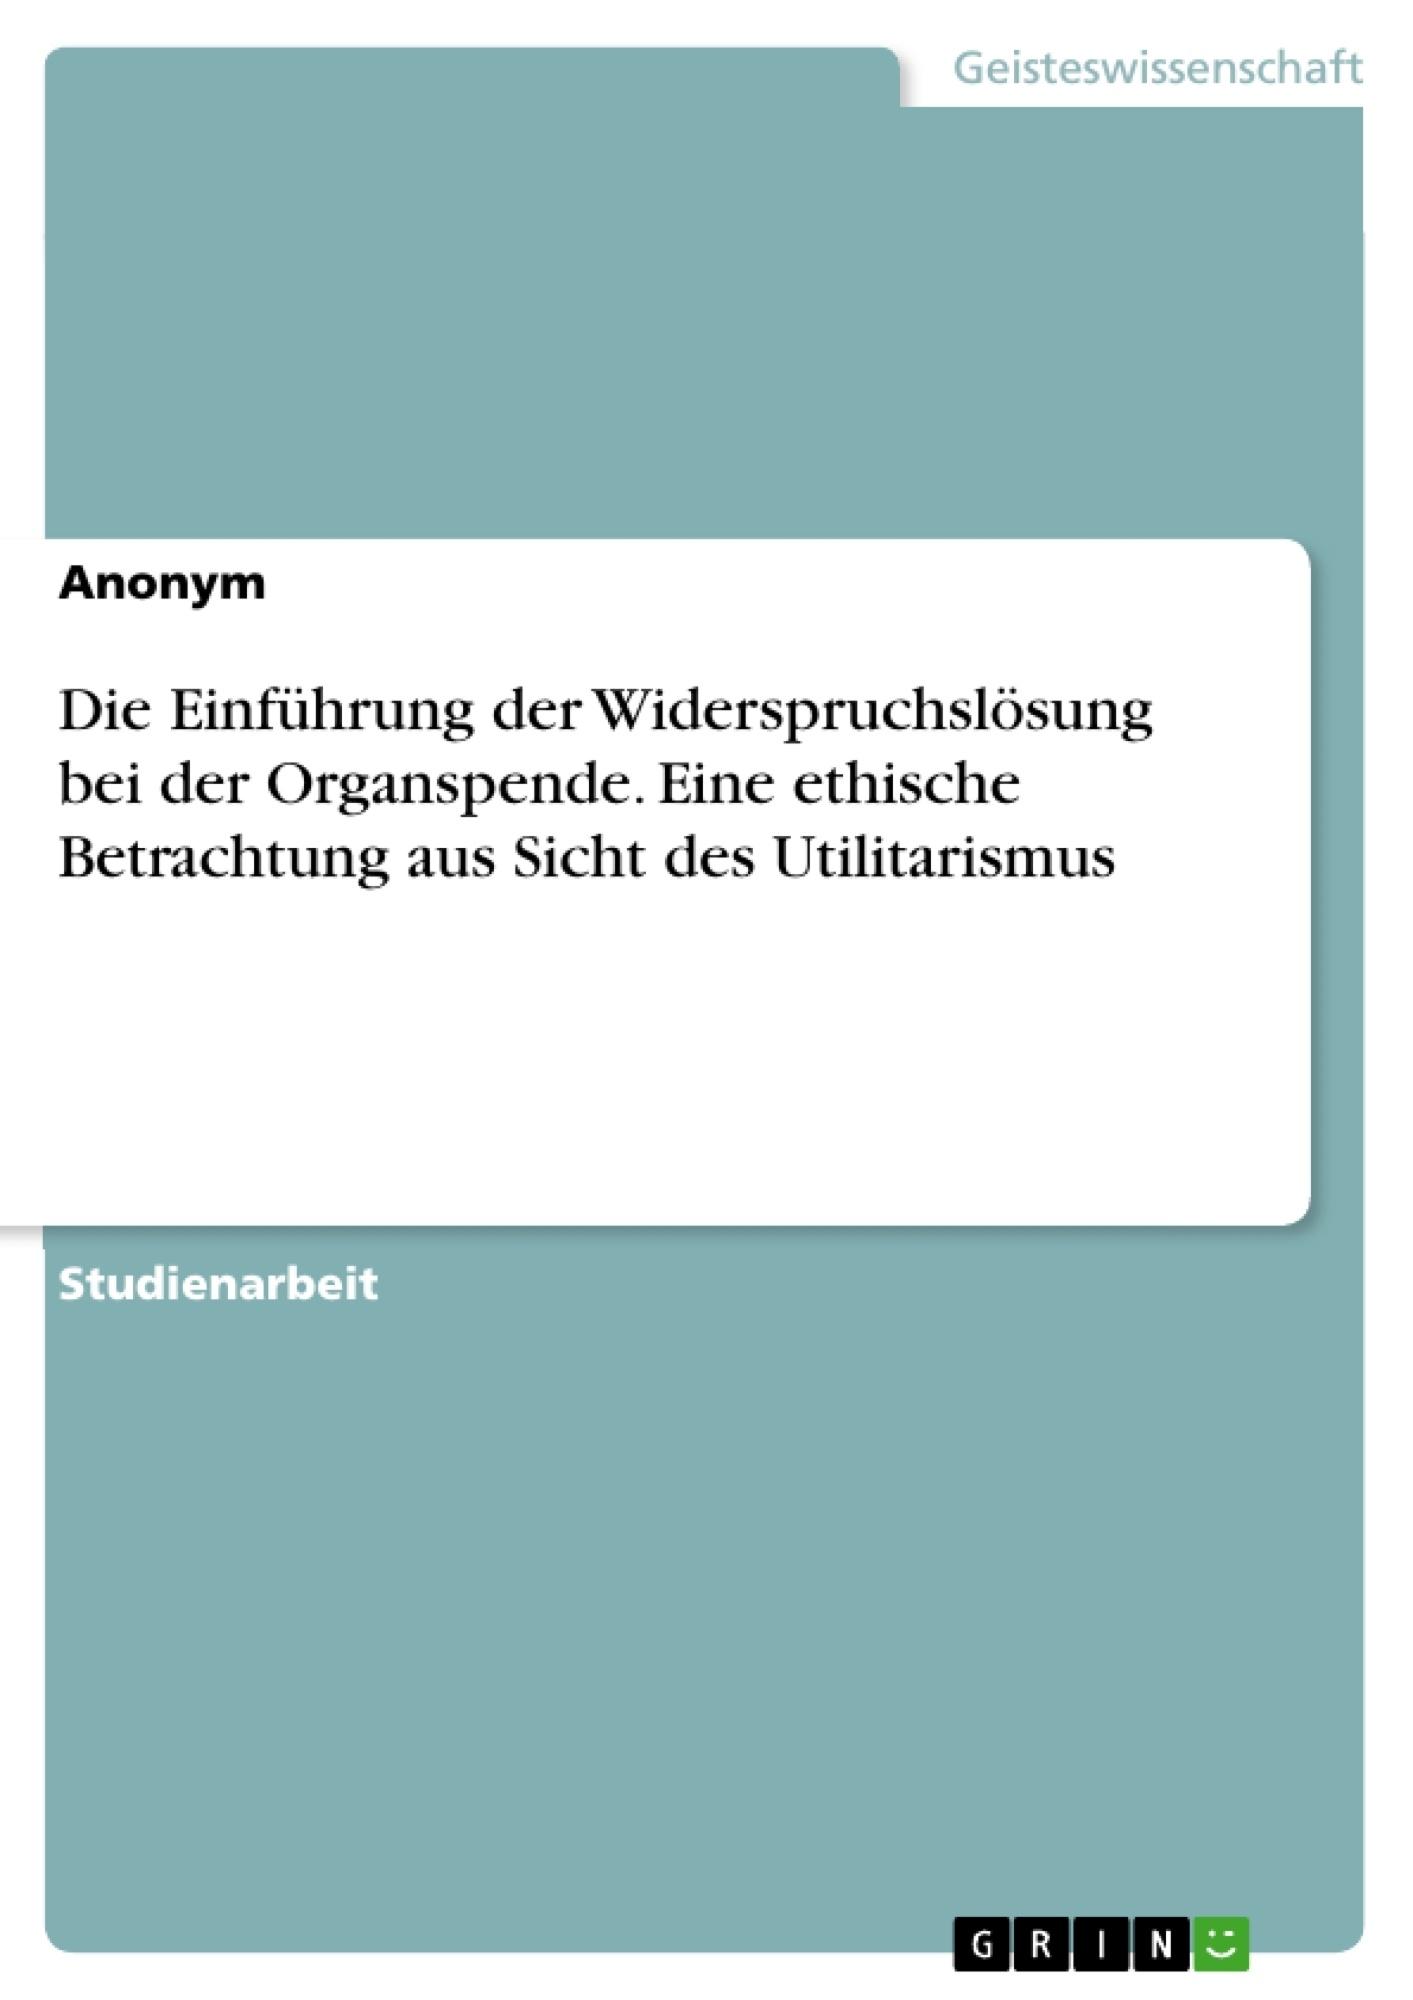 Titel: Die Einführung der Widerspruchslösung bei der Organspende. Eine ethische Betrachtung aus Sicht des Utilitarismus